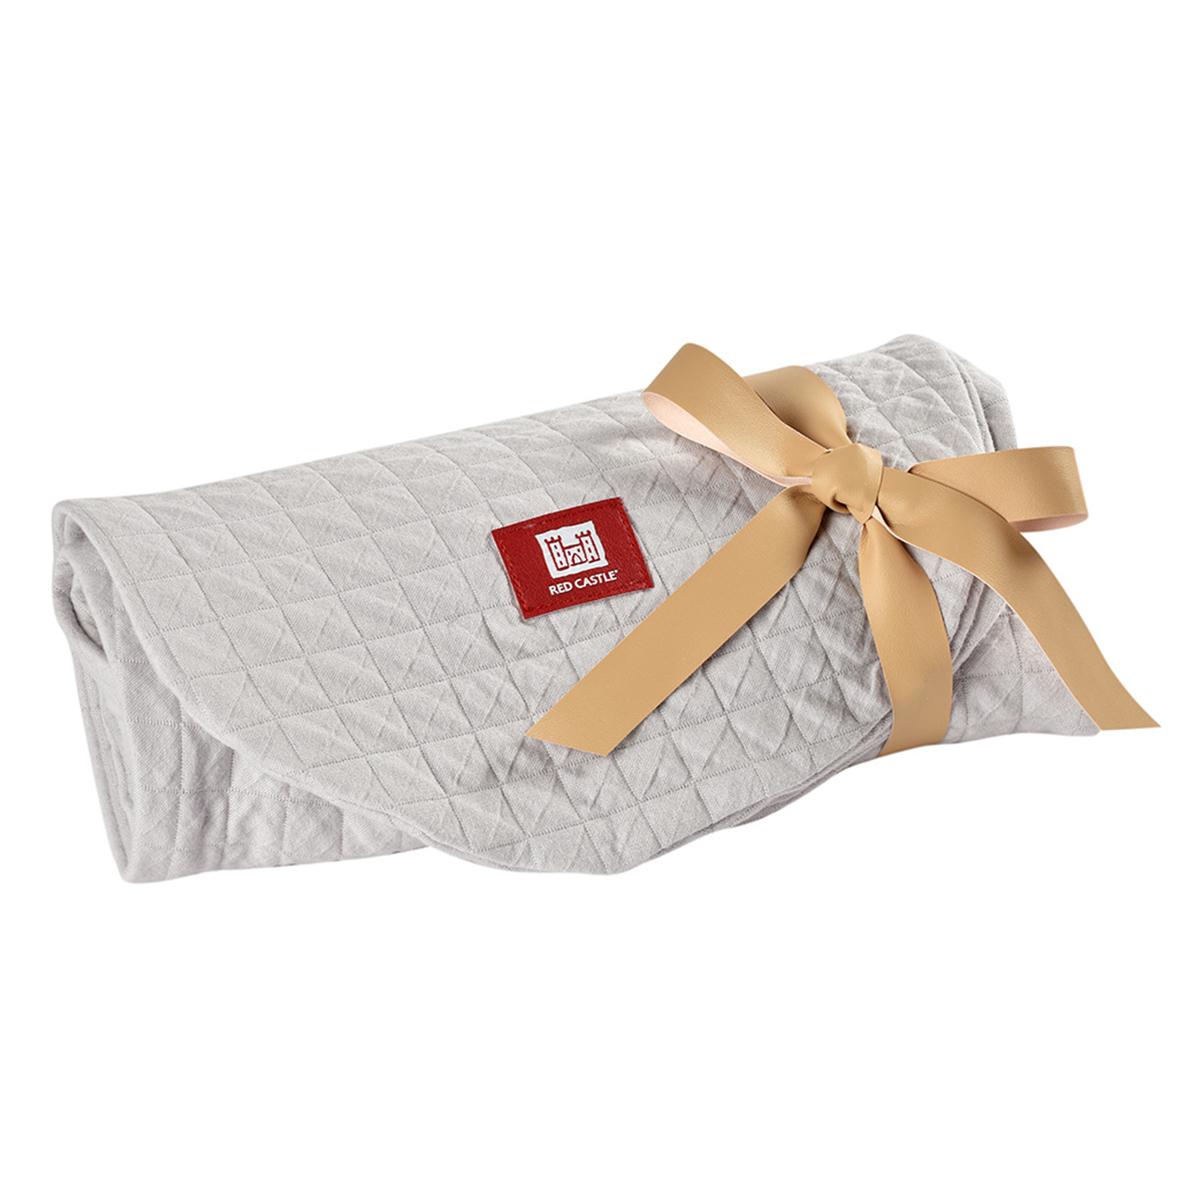 Coussin allaitement Housse Big Flopsy Fleur de Coton - Gris Perle Housse Big Flopsy Fleur de Coton - Gris Perle